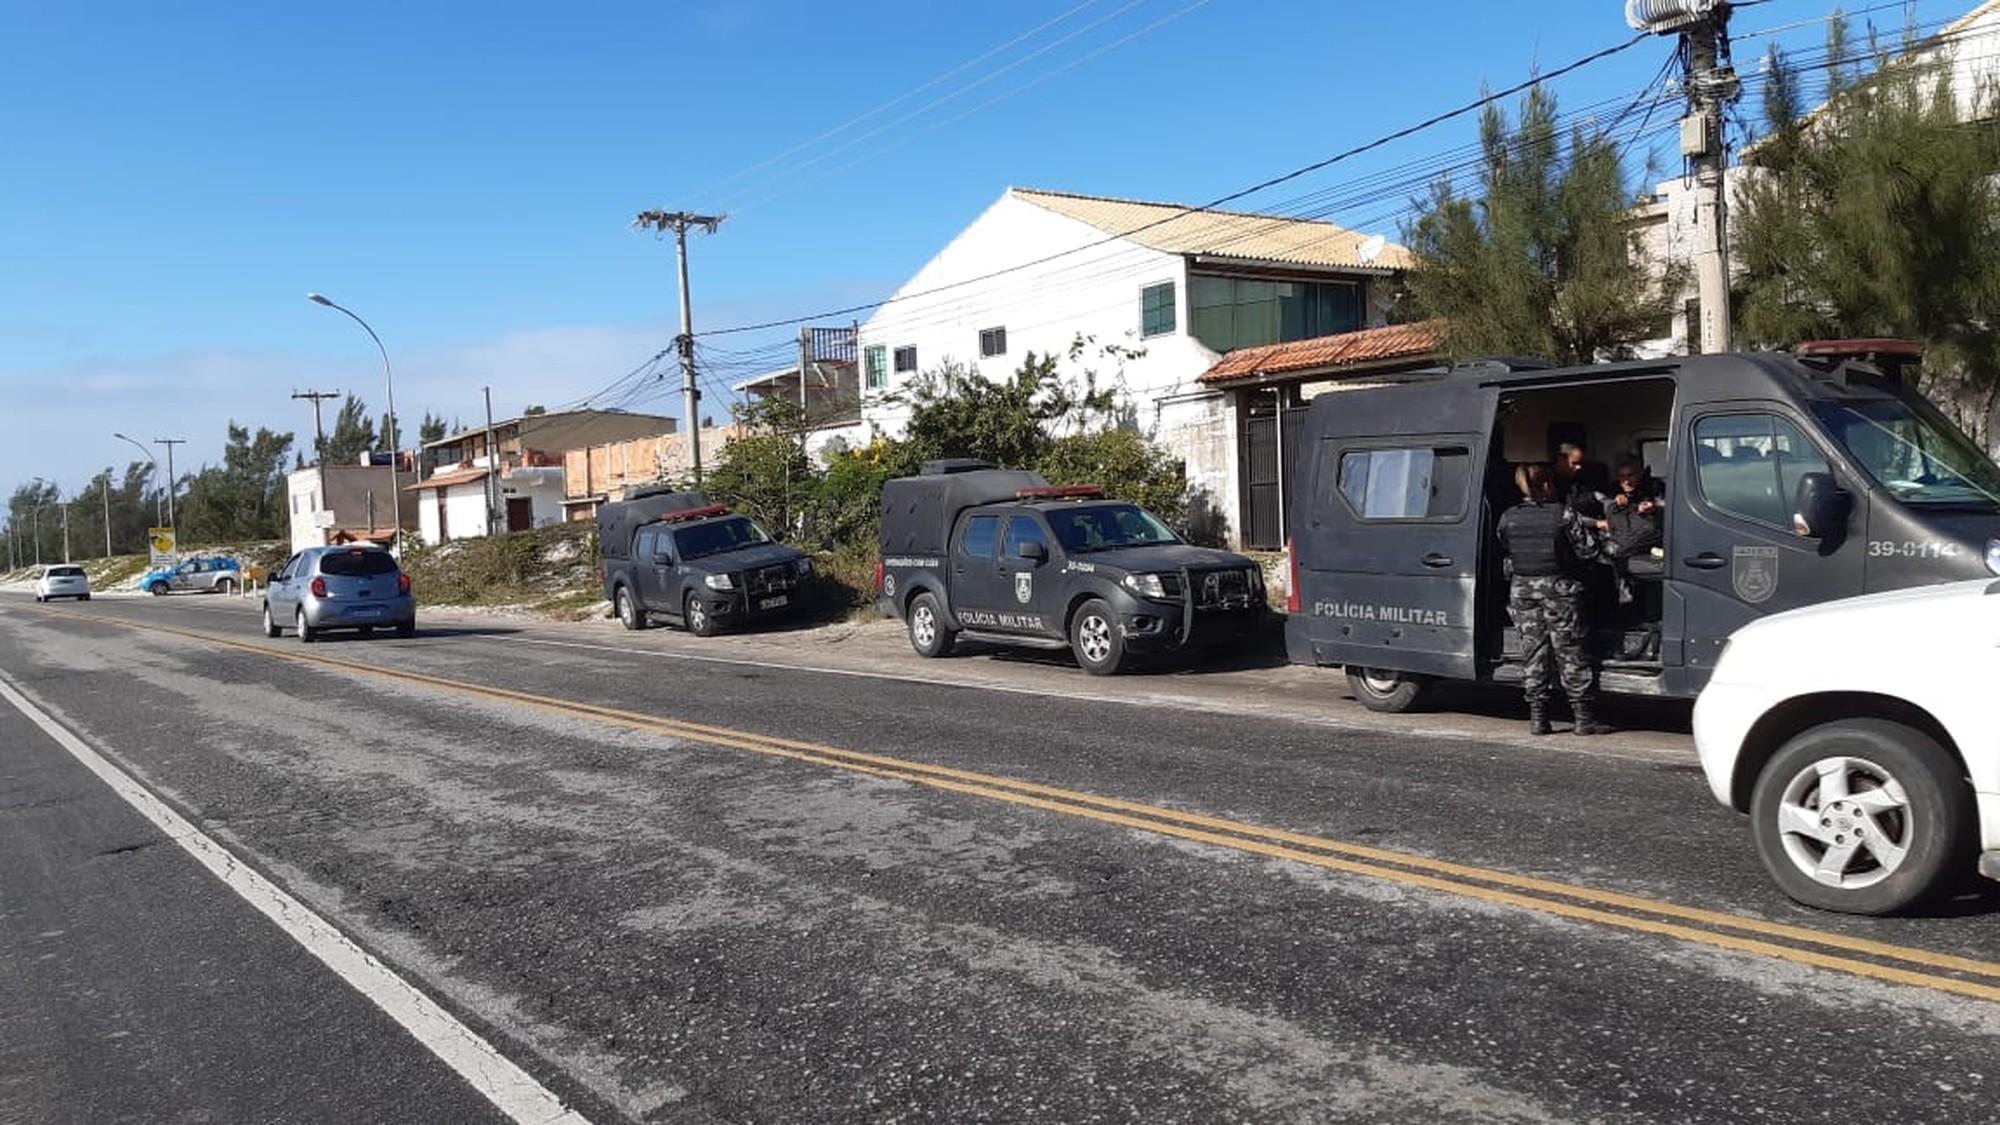 Operação das polícias militar e civil no bairro Manoel Correia, em Cabo Frio, RJ, começou nas primeiras horas desta quarta-feira (7) — Foto: André Dias / Inter TV